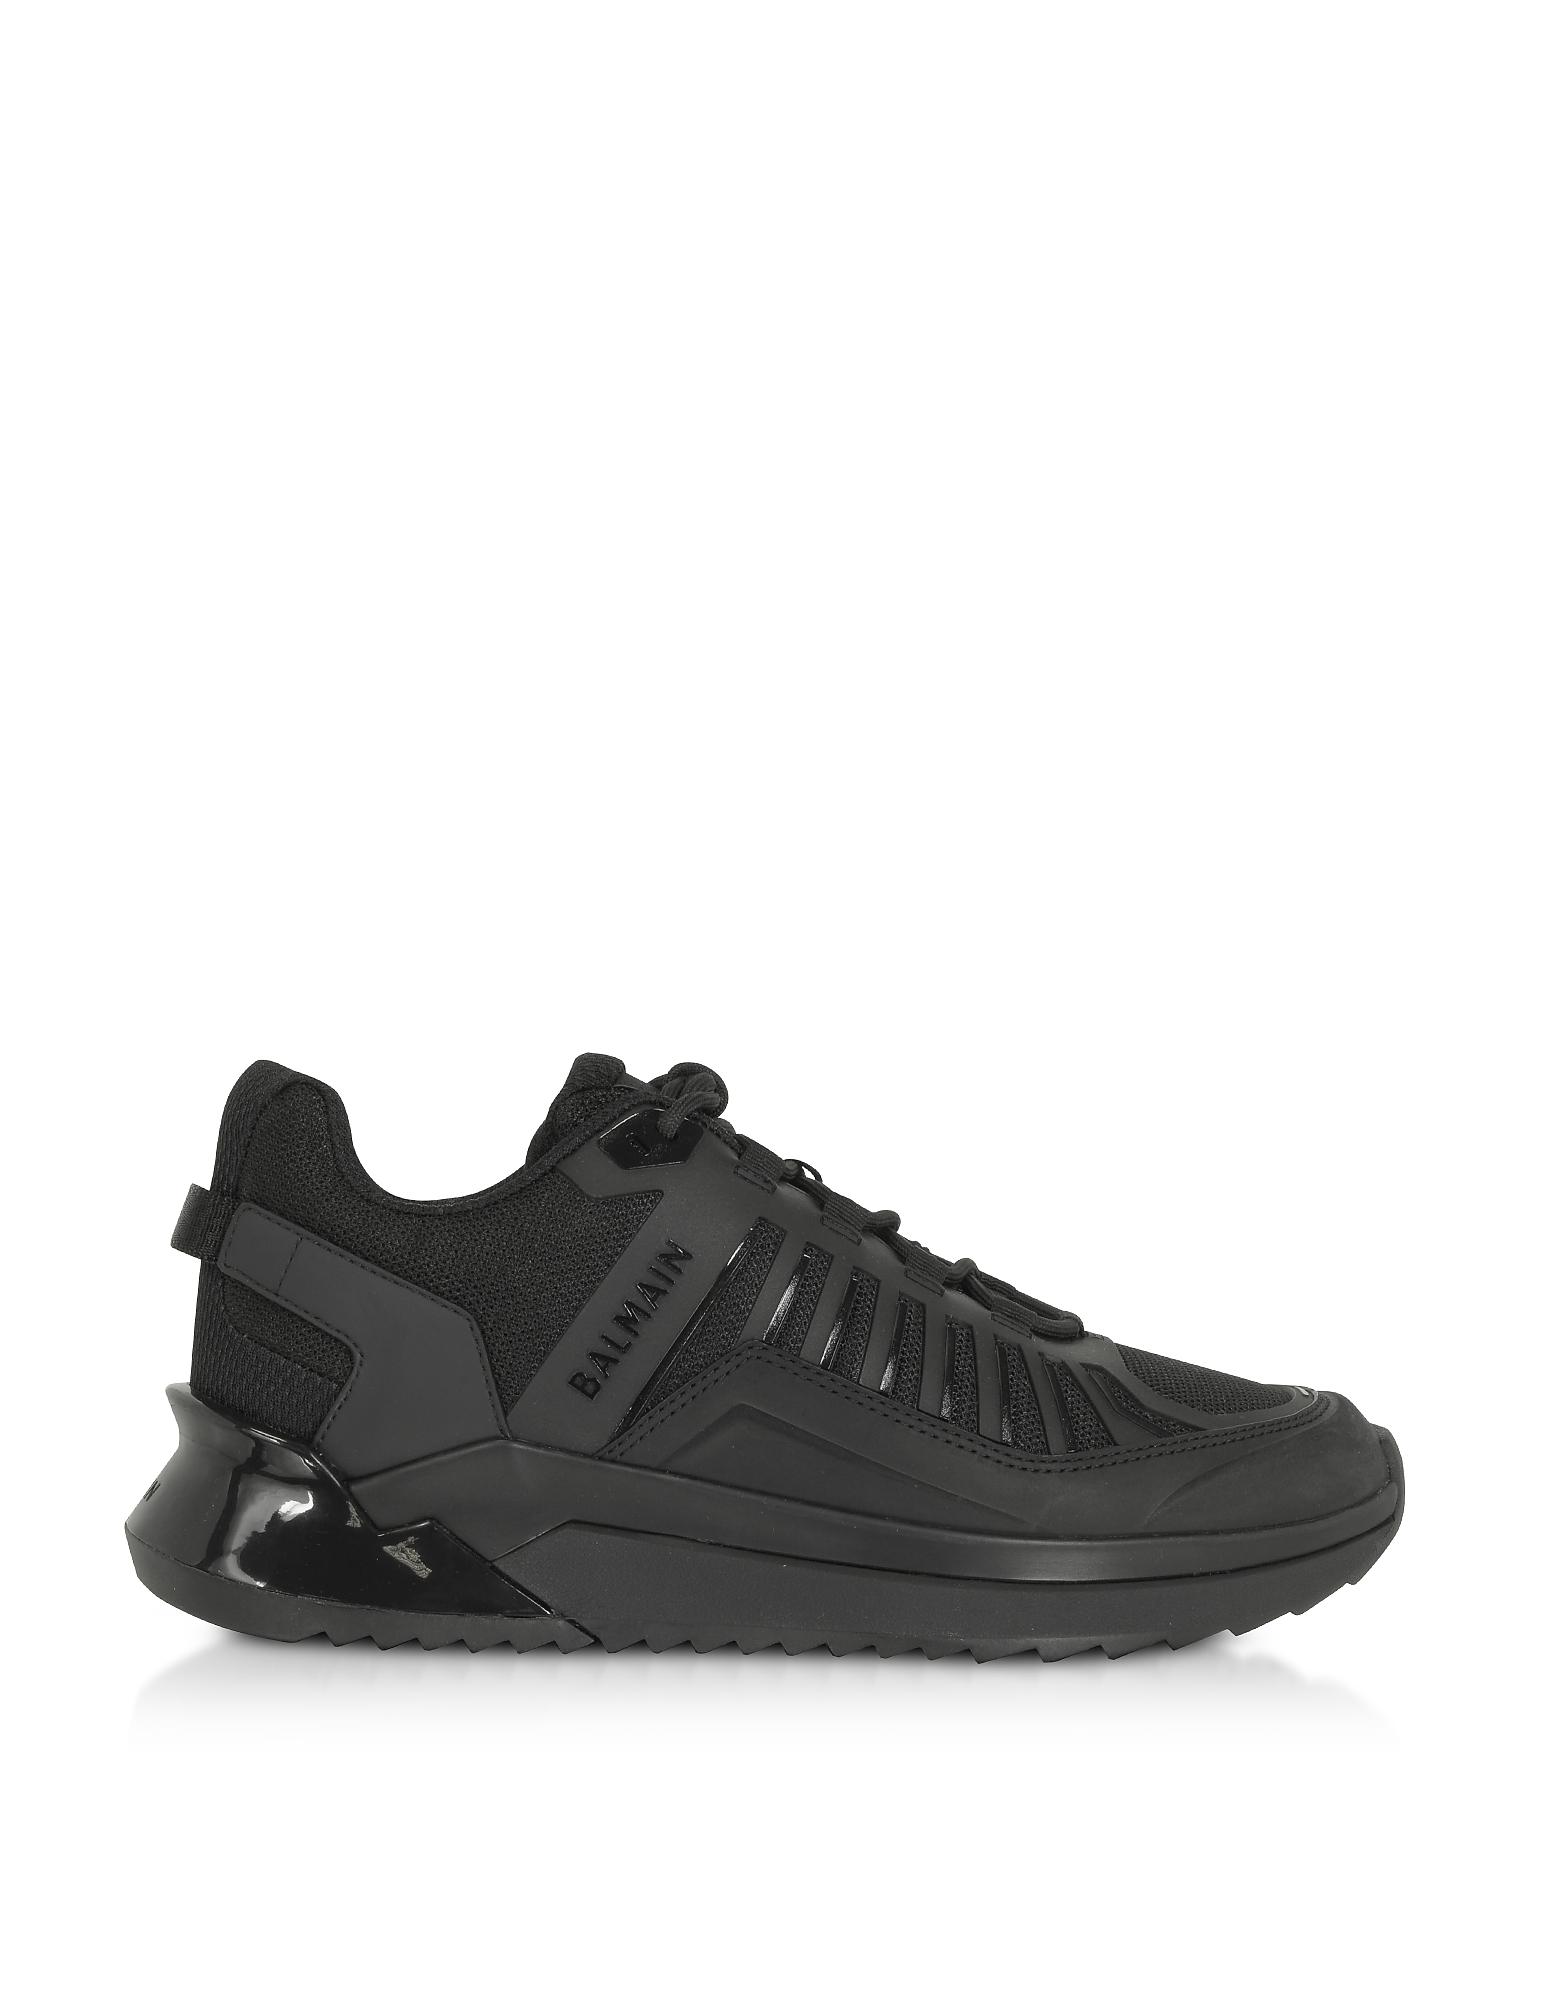 Balmain Designer Shoes, Black Mid Top Men's B-Trail Sneakers